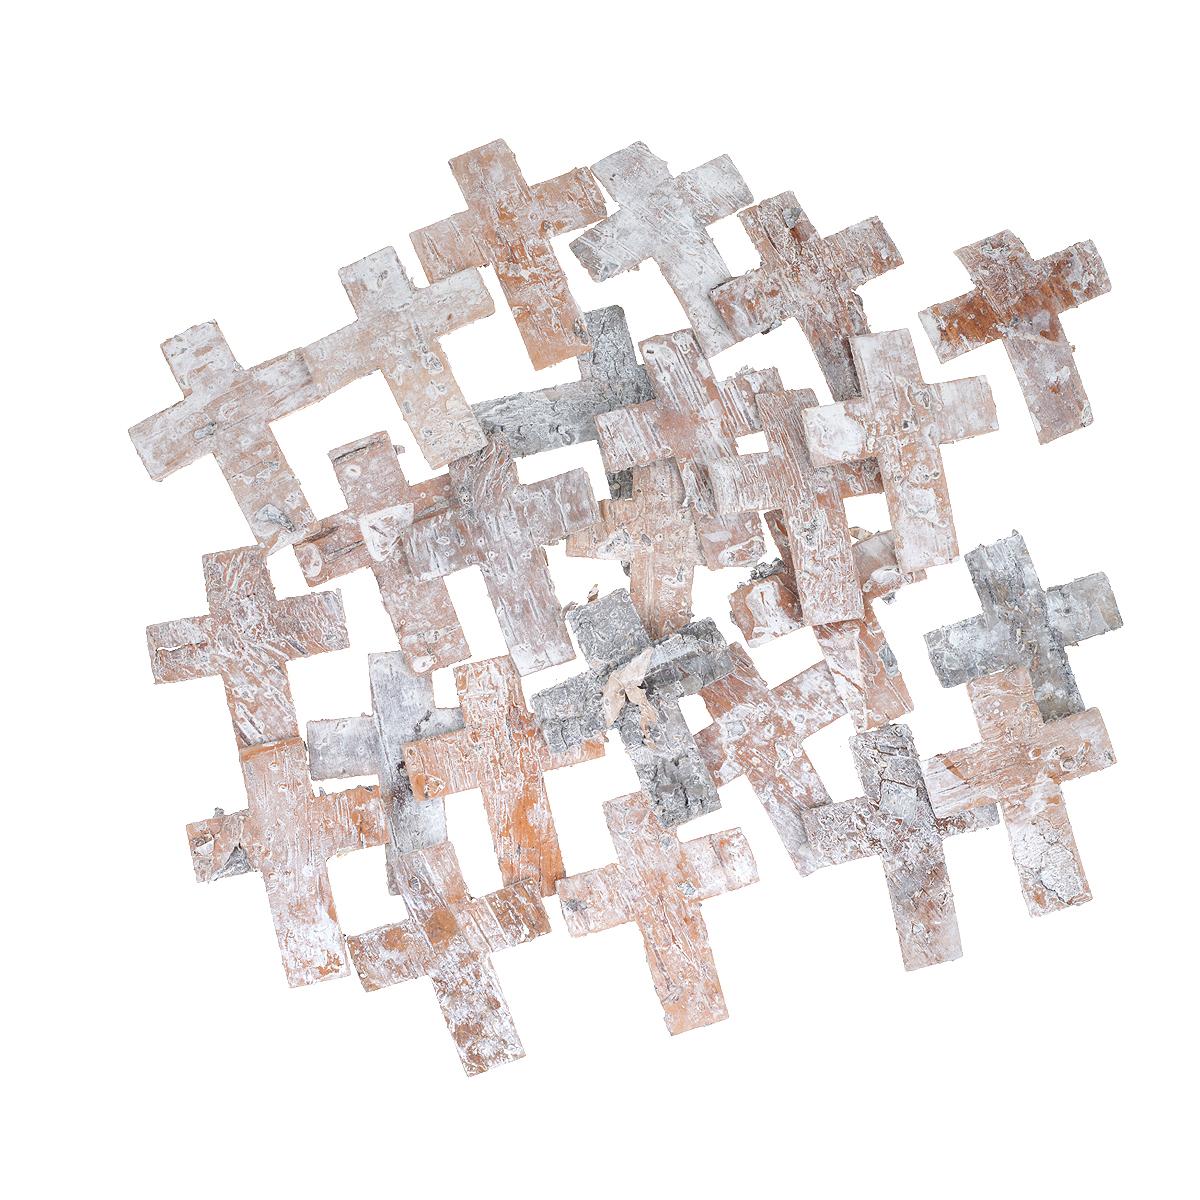 Декоративный элемент Dongjiang Art Крест, цвет: белый, 25 шт09840-20.000.00Декоративный элемент Dongjiang Art Крест, изготовленный из натуральной коры дерева, предназначен для украшения цветочных композиций. Изделие можно также использовать в технике скрапбукинг и многом другом. Флористика - вид декоративно-прикладного искусства, который использует живые, засушенные или консервированные природные материалы для создания флористических работ. Это целый мир, в котором есть место и строгому математическому расчету, и вдохновению.